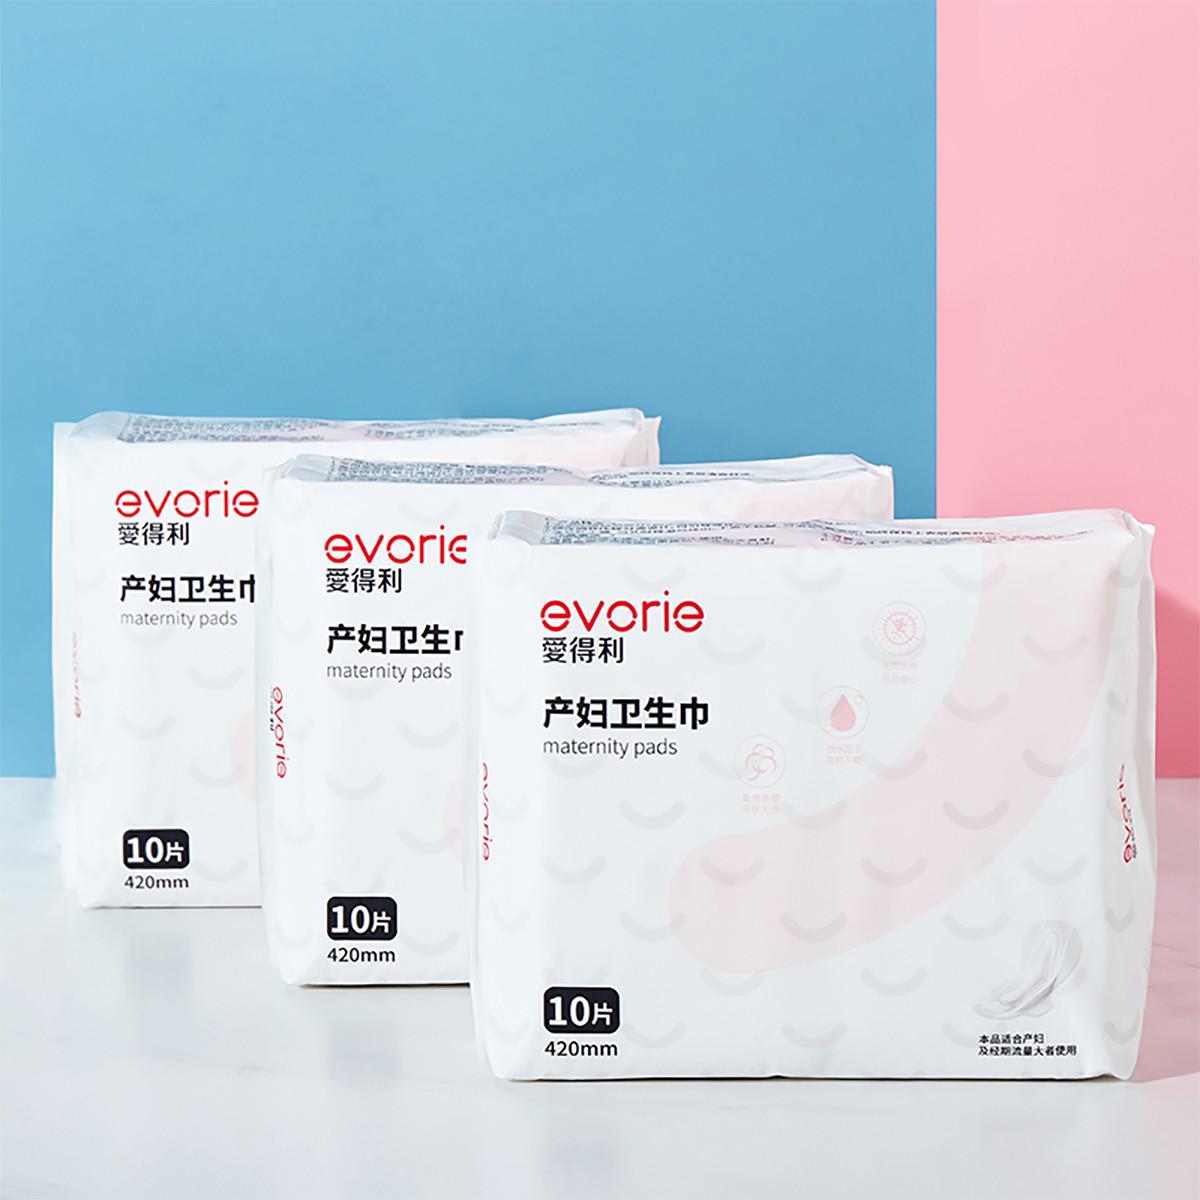 爱得利 产妇专用待产卫生巾孕妇姨妈产后大码月子刀纸入院用品夏